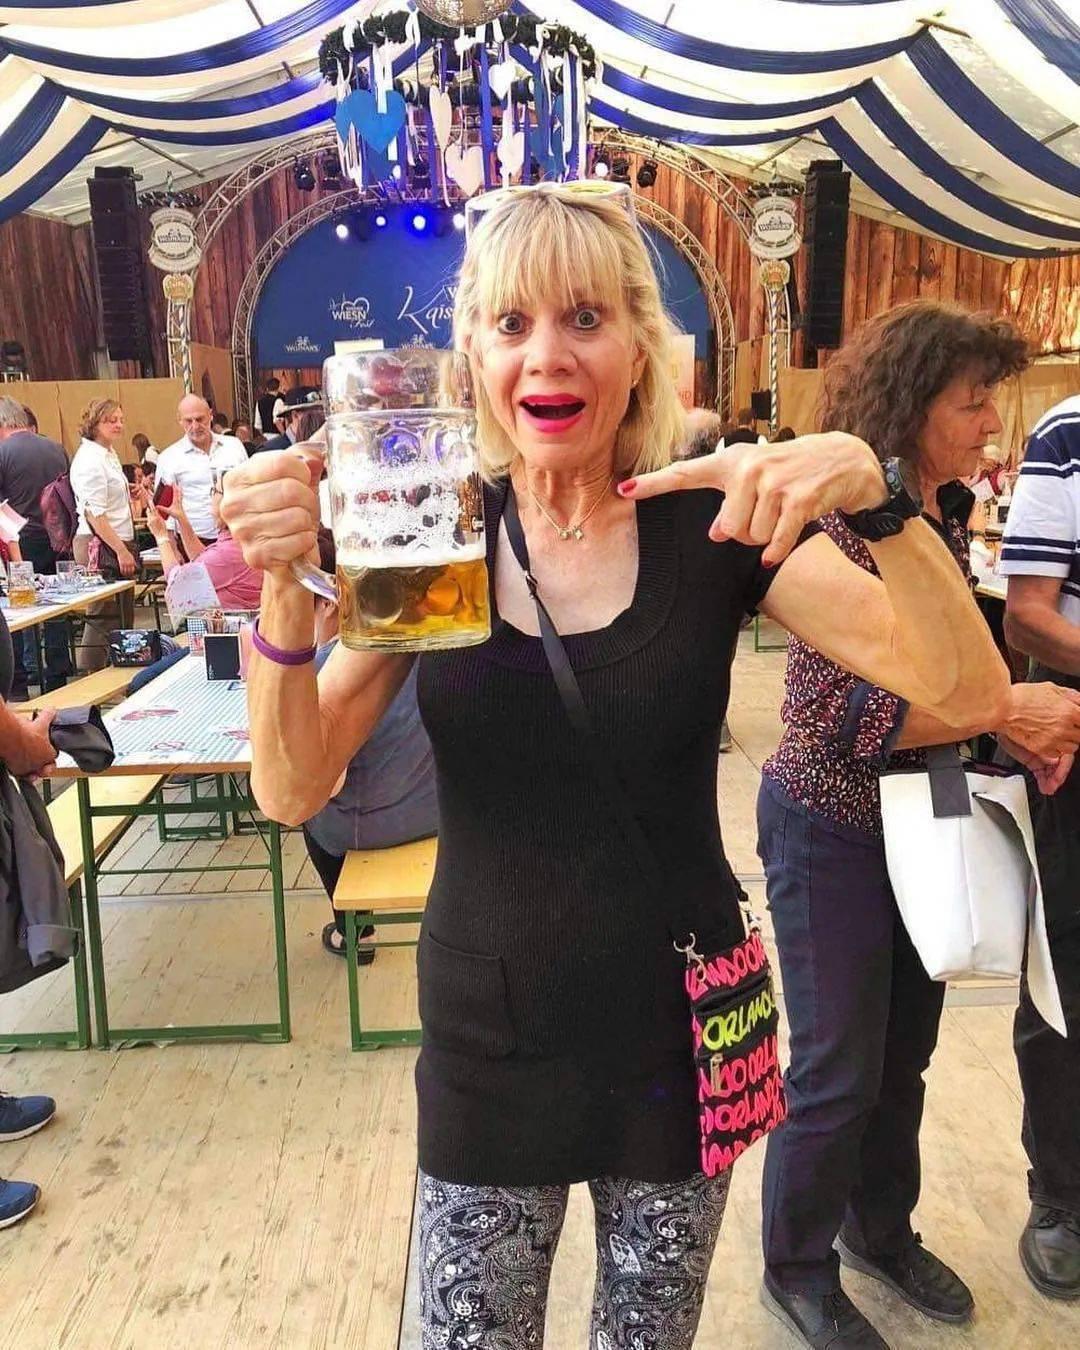 62岁离婚恢复单身的奶奶,68岁穿比基尼、独自环游世界火遍全网!插图(33)